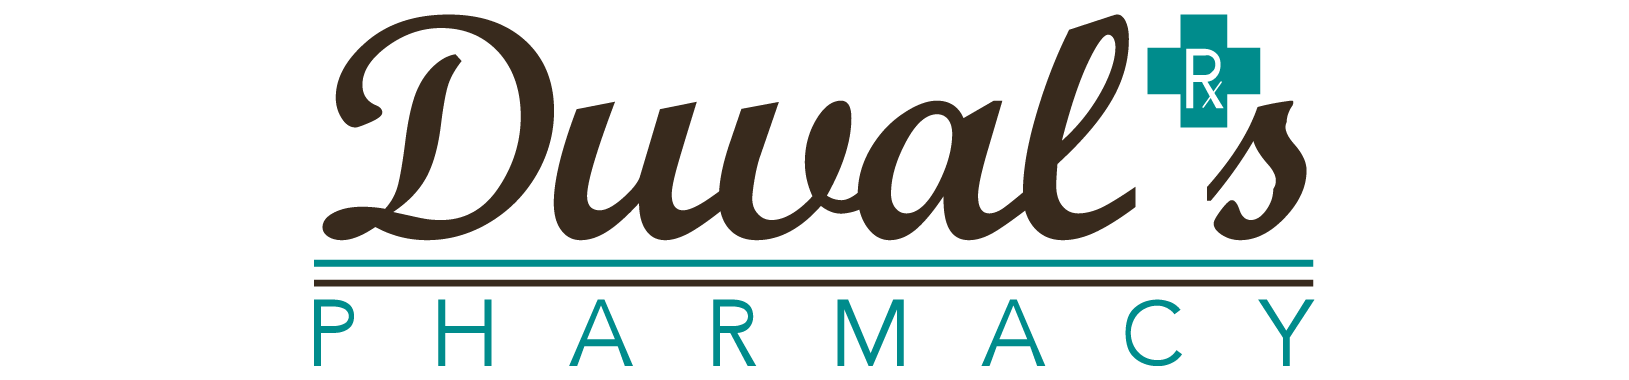 Duval's Pharmacy